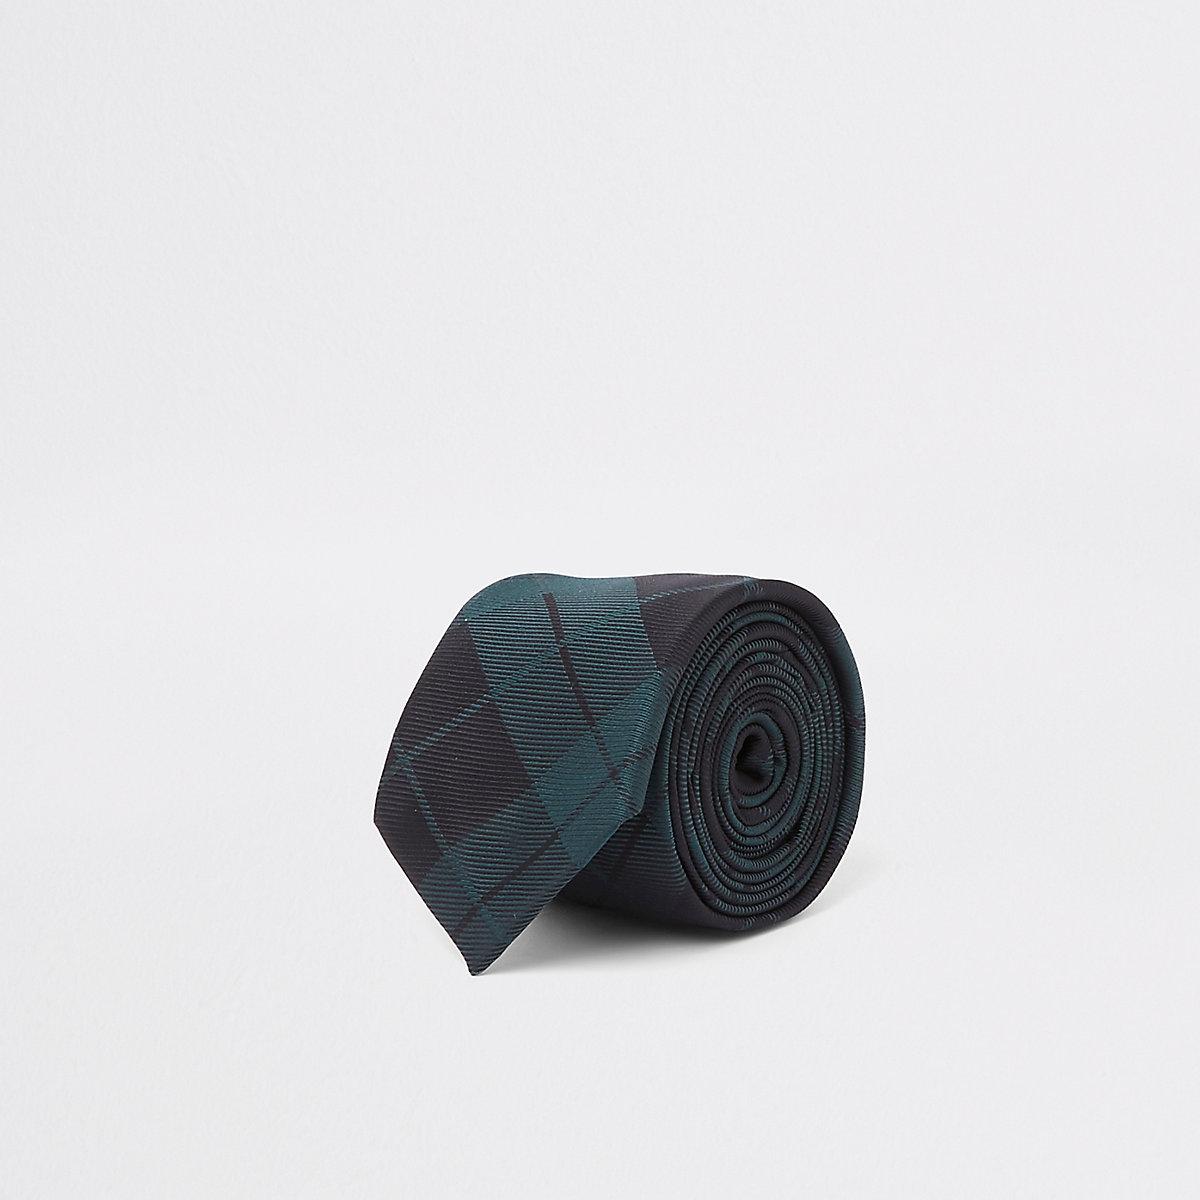 Green plaid tie